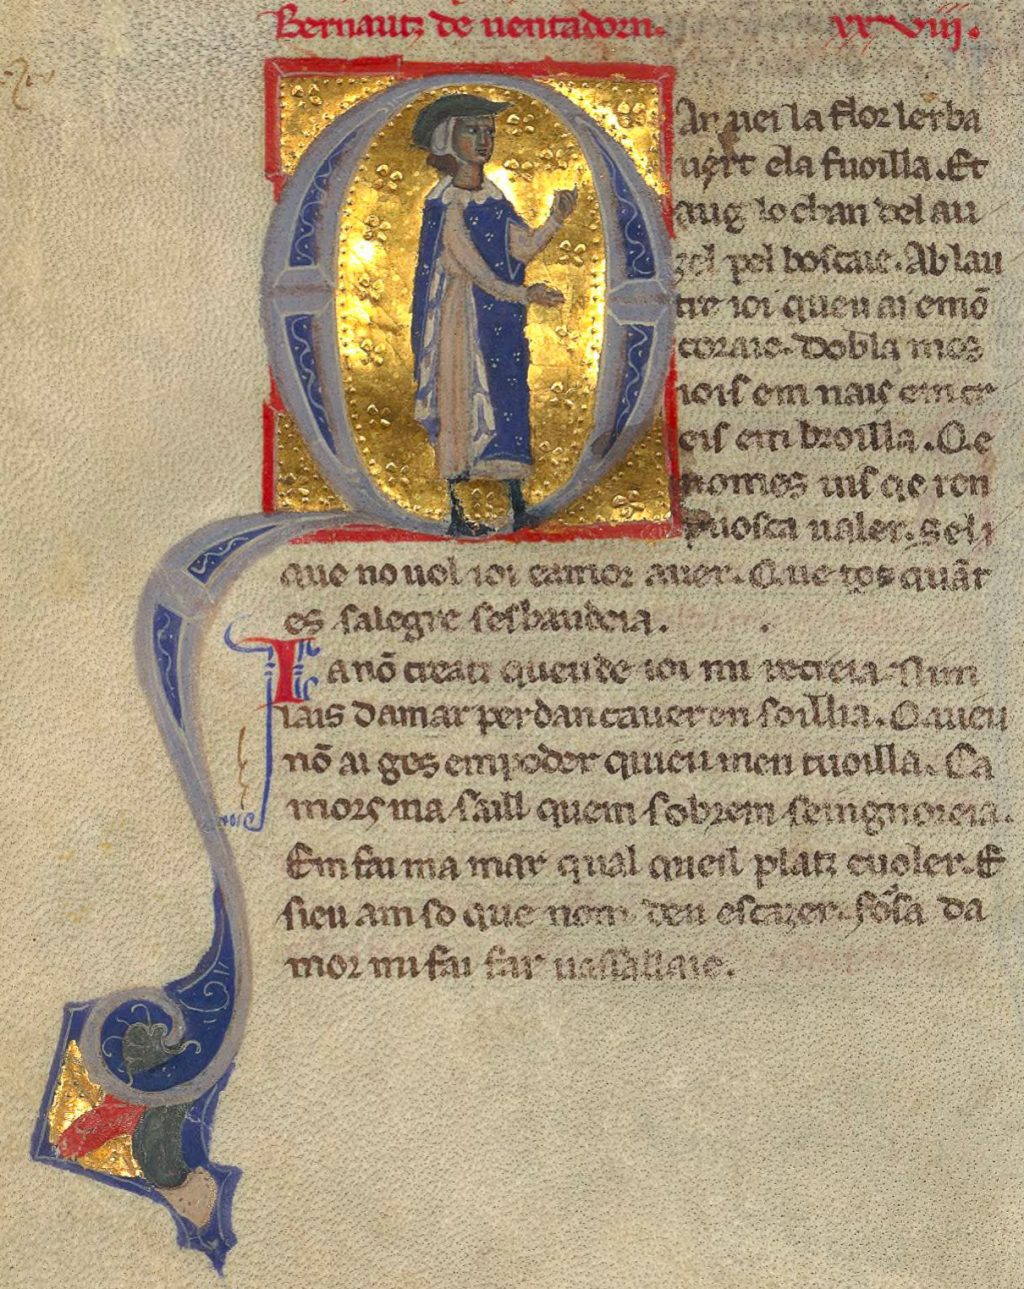 Bernart de Ventadorn, troubadour